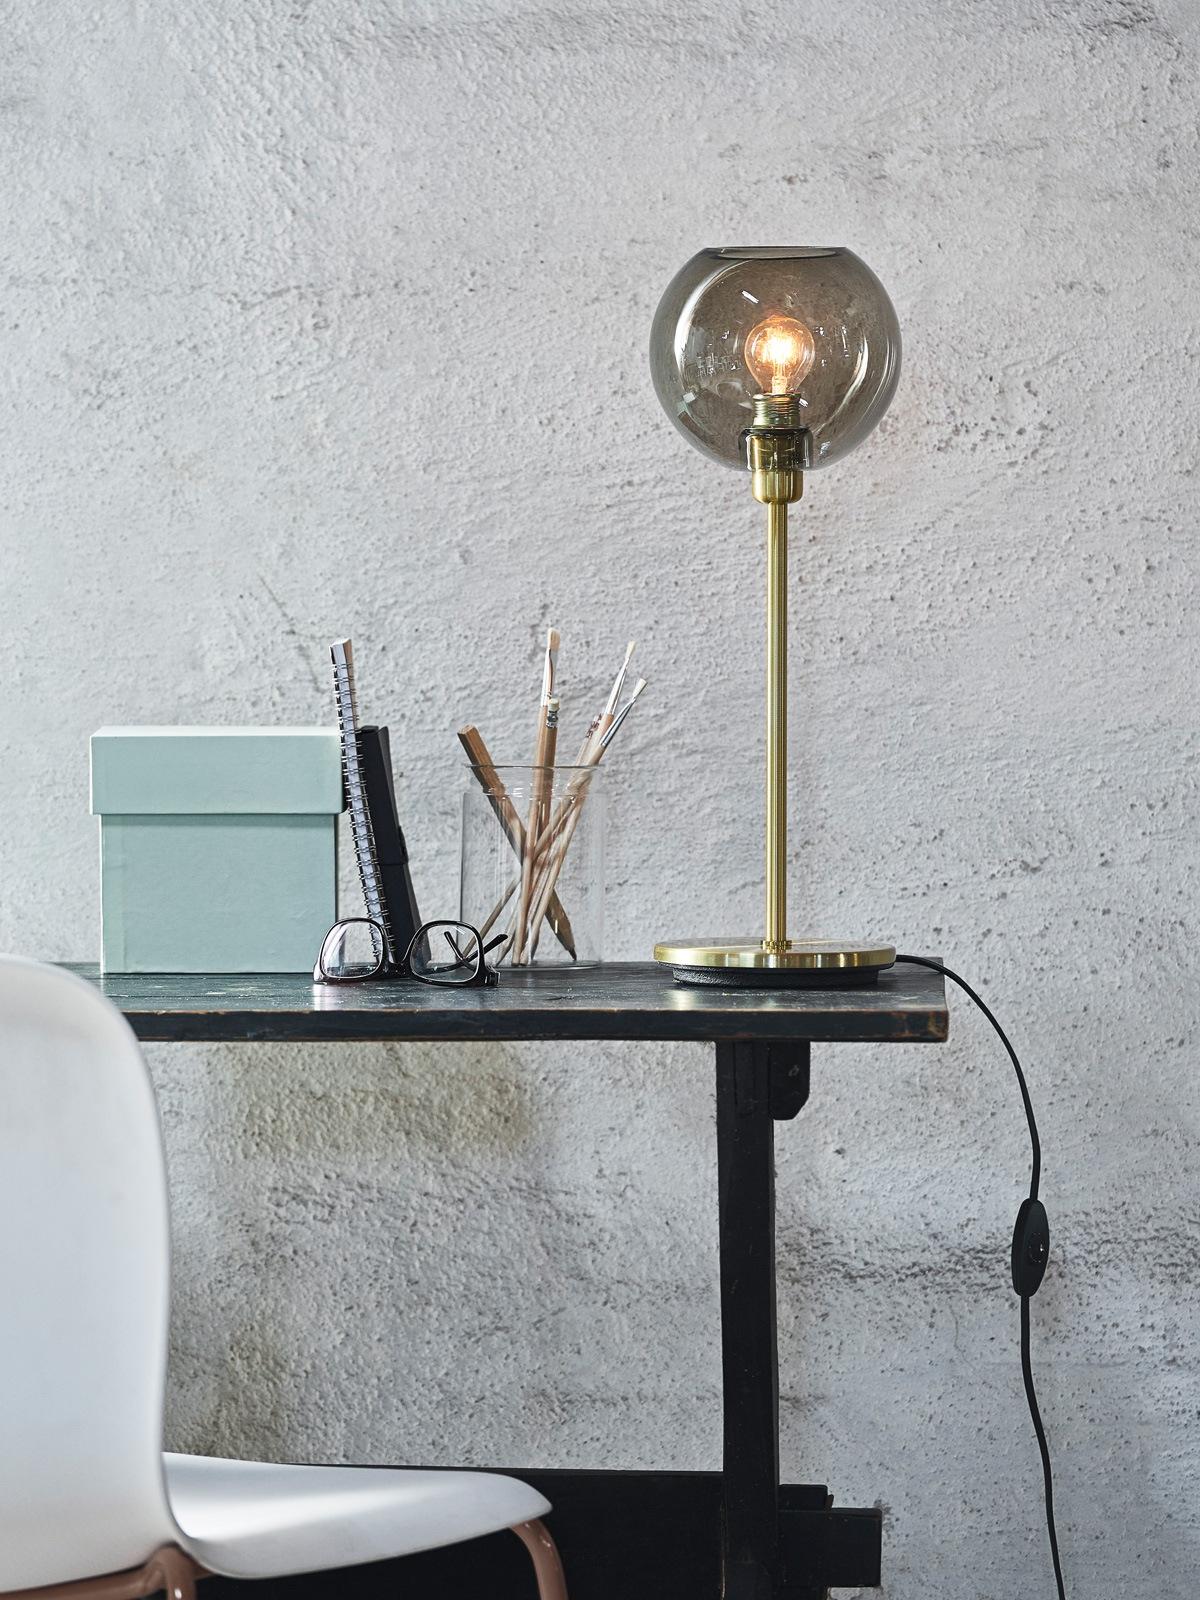 DesignOrt Blog Tischleuchte mit Glasschirm DesignOrt Onlineshop Lampen Berlin